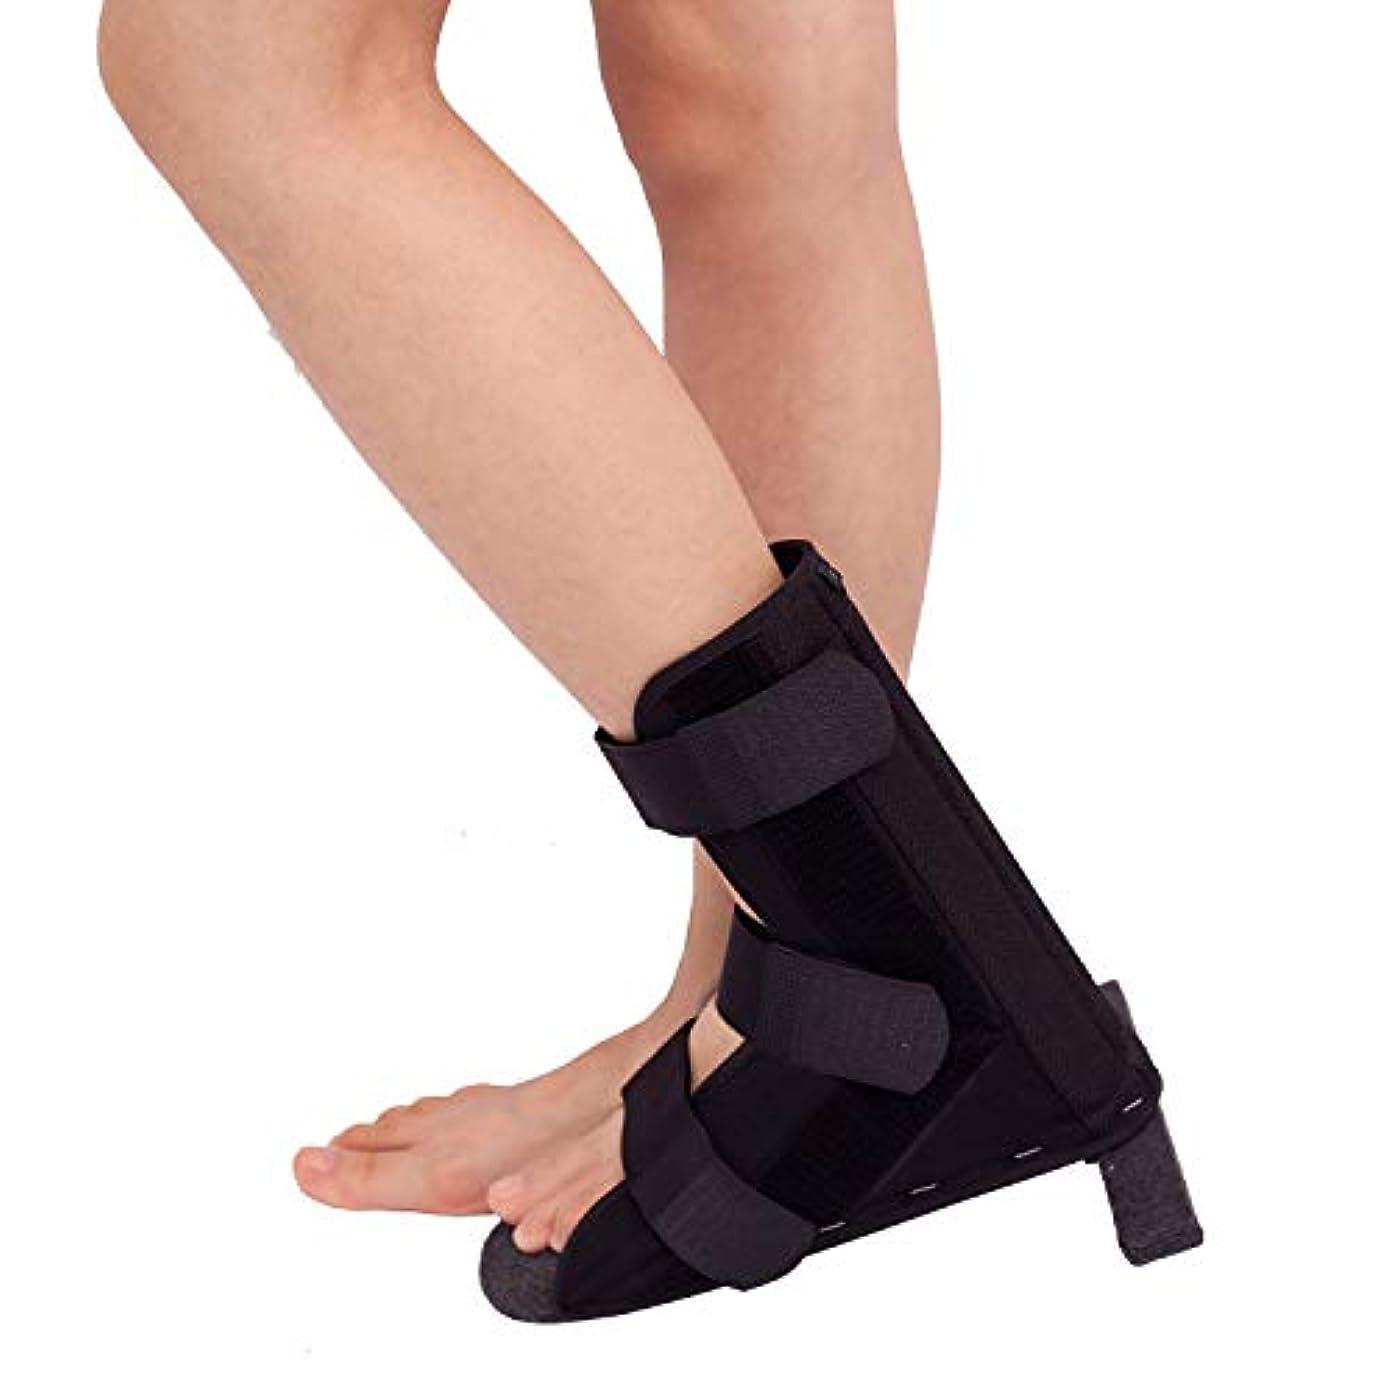 テナントマーガレットミッチェル見て足首サポート ア、T字型靴、整形外科用靴、足首骨折、捻挫固定ブラケット (Size : L)